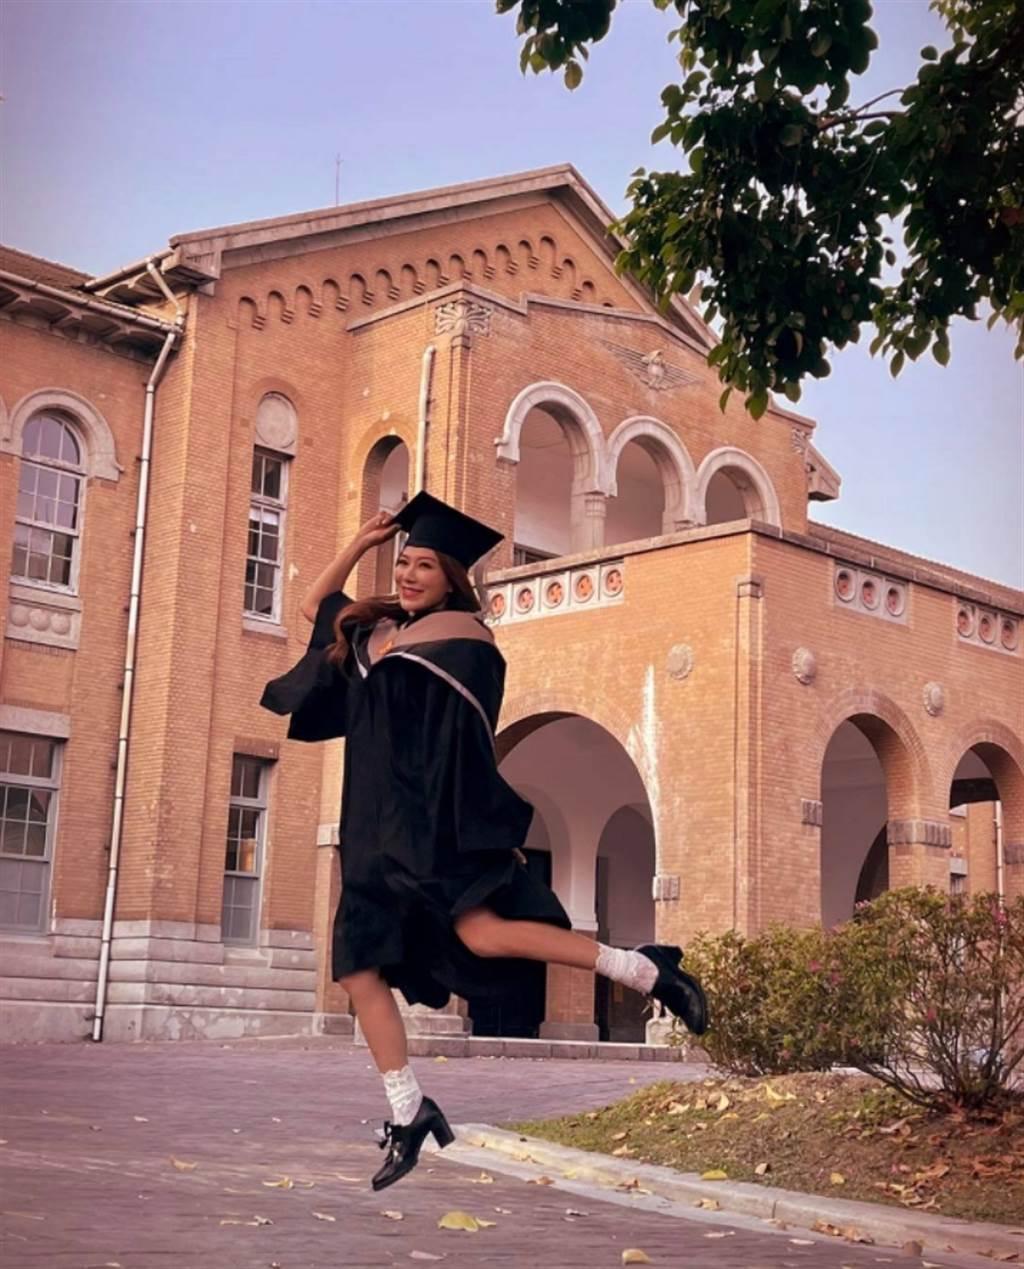 佩甄日前分享青春洋溢畢業照,被網友讚爆「藝人好榜樣」。(圖/ 摘自佩甄臉書)